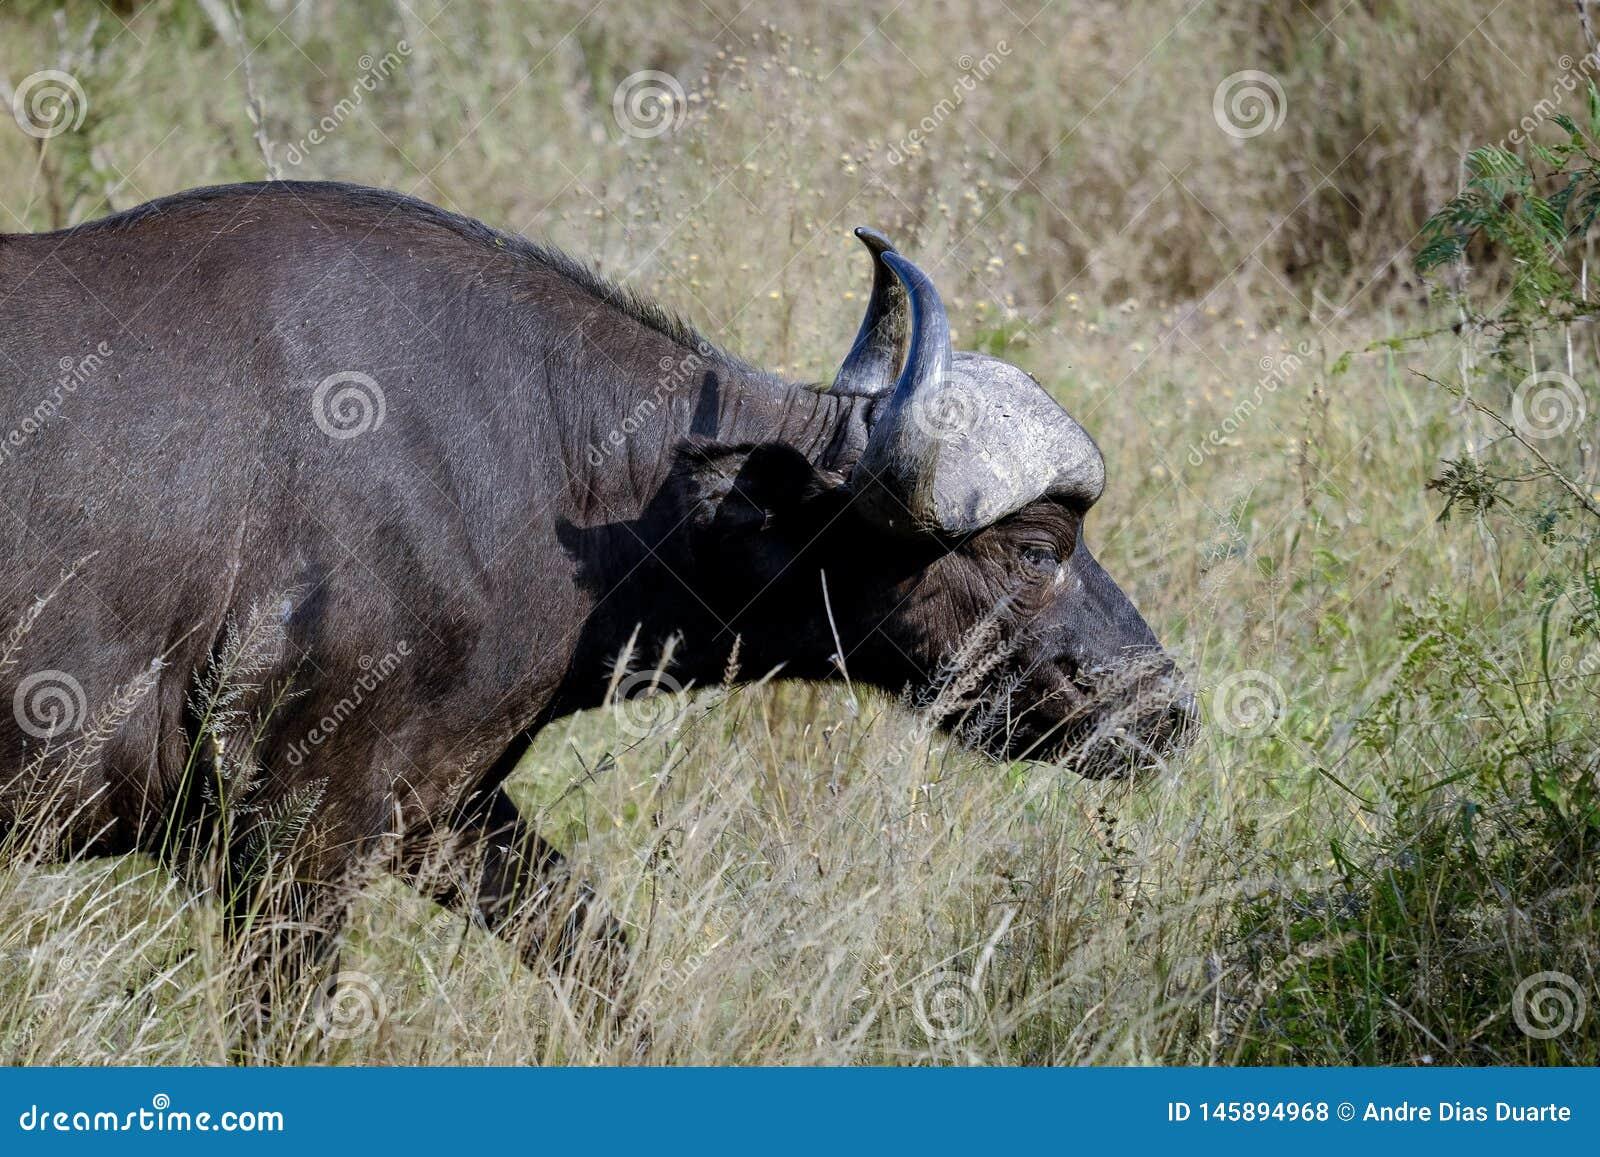 Afrikanischer Büffel im wilden